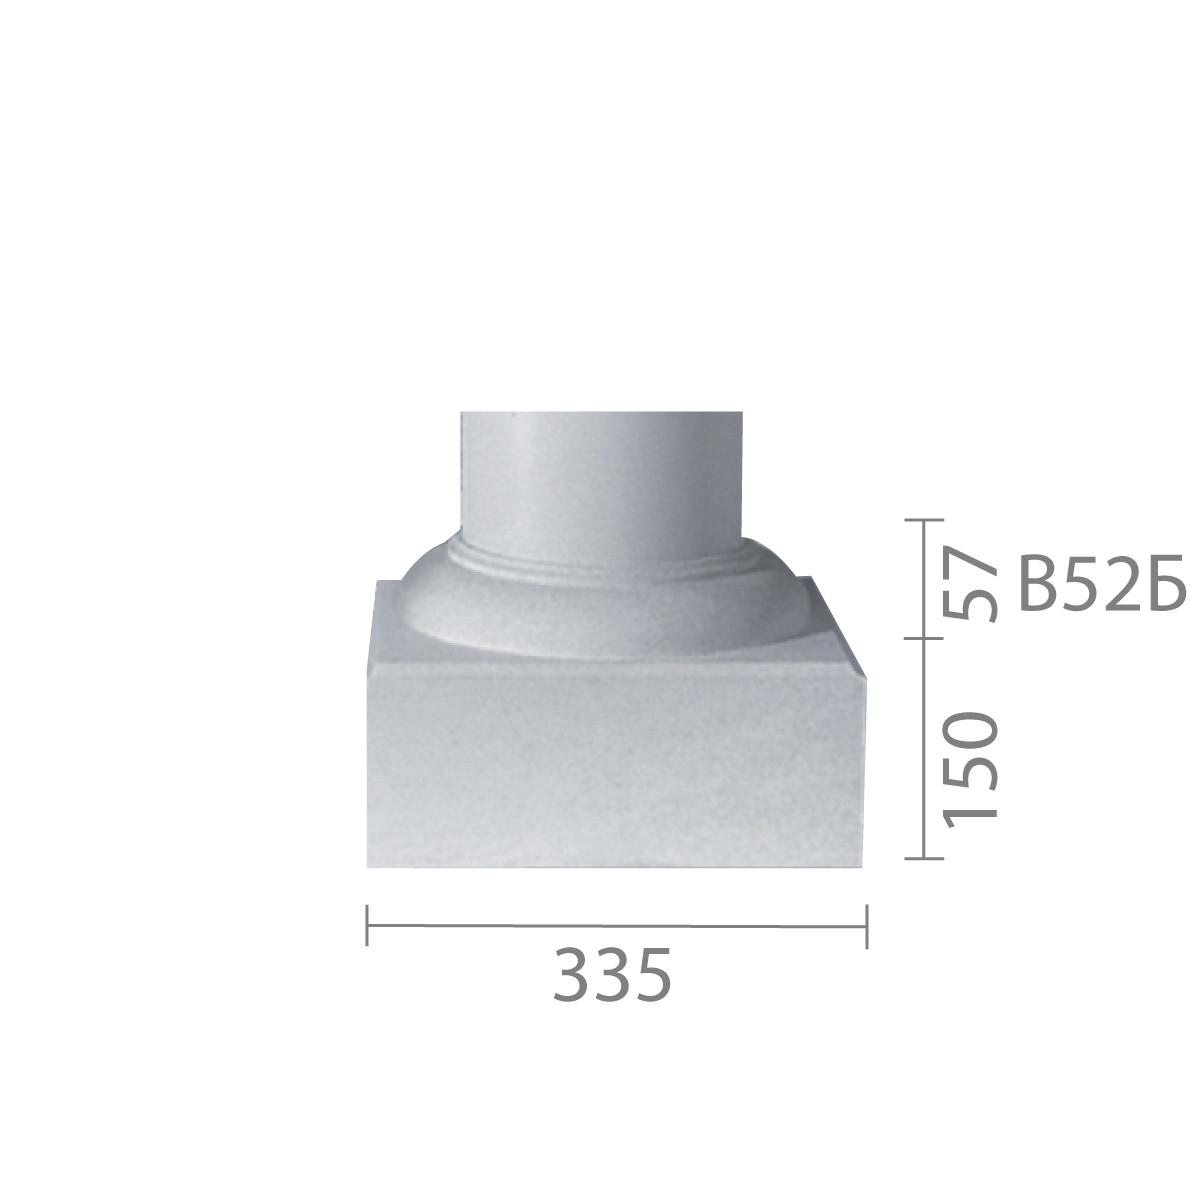 База колонны из гипса, гипсовая база, основание для колонны б-52 (1/2)